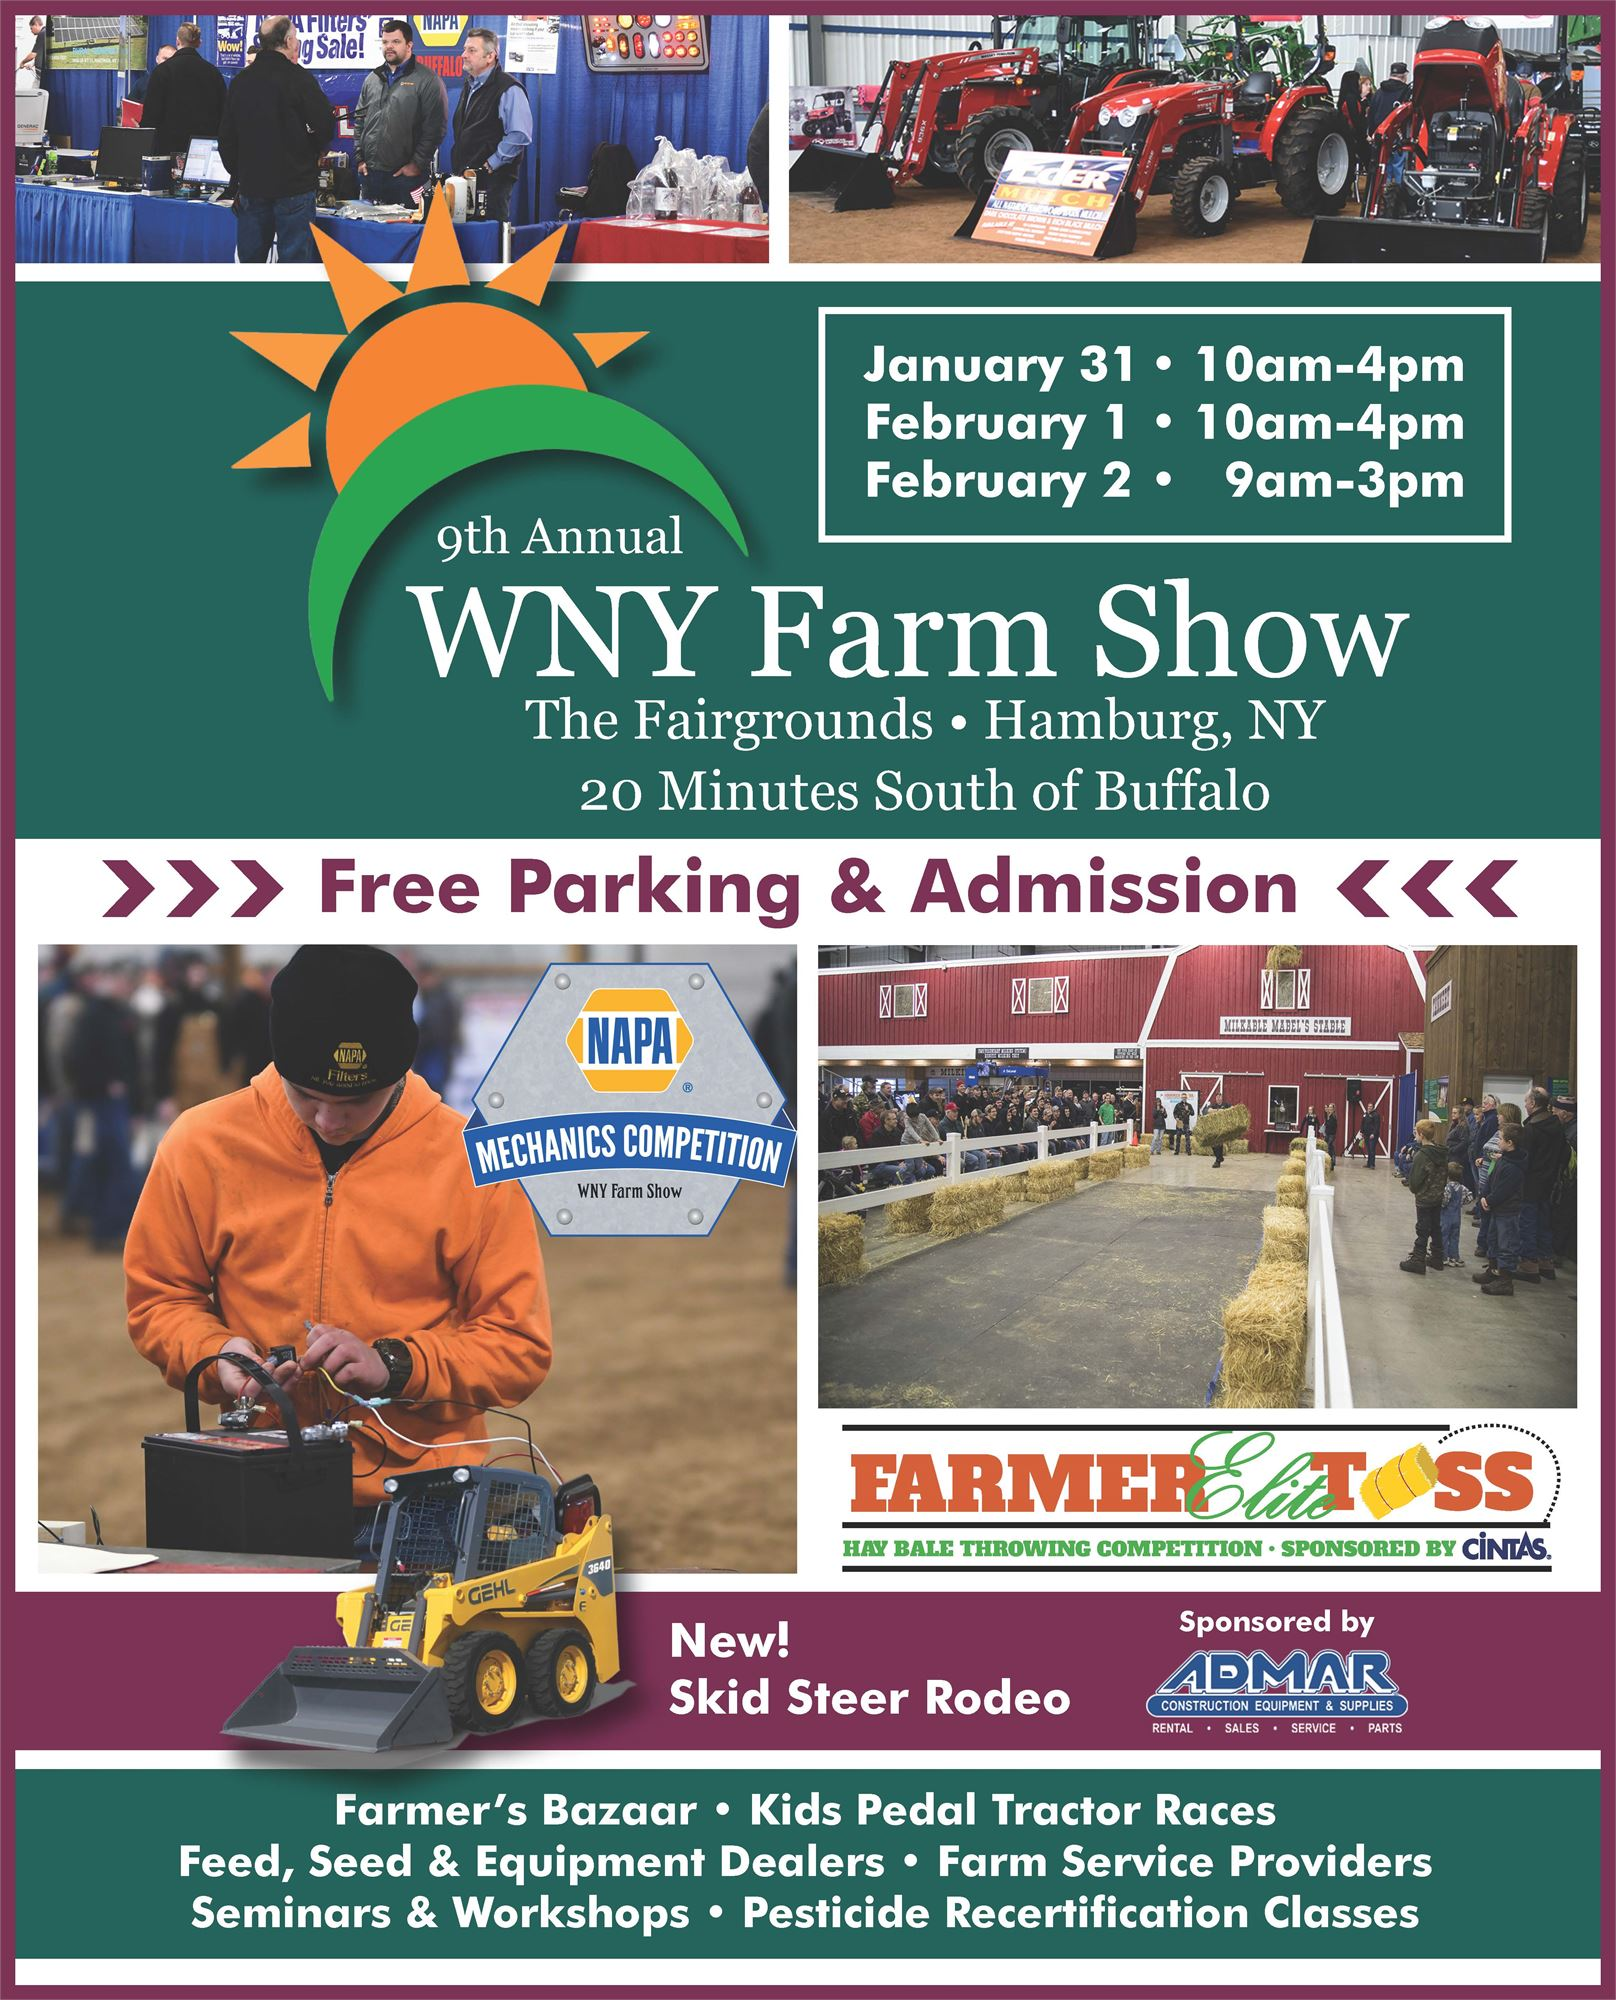 2019 WNY Farm Show Program